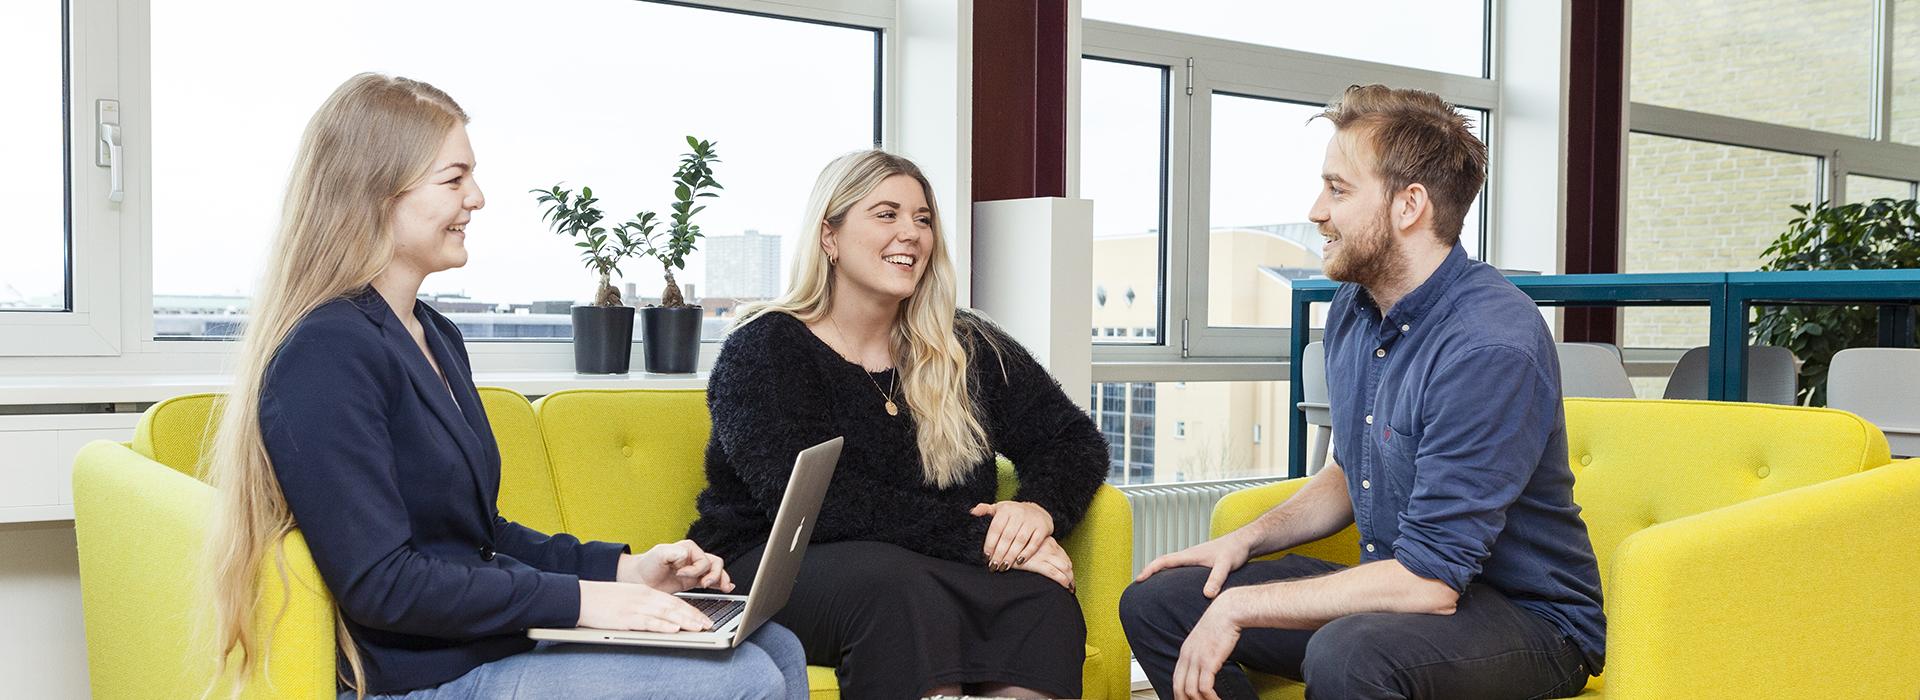 Stor succes med deltagelse i åbent hus i Studiebyen Esbjerg - DAB